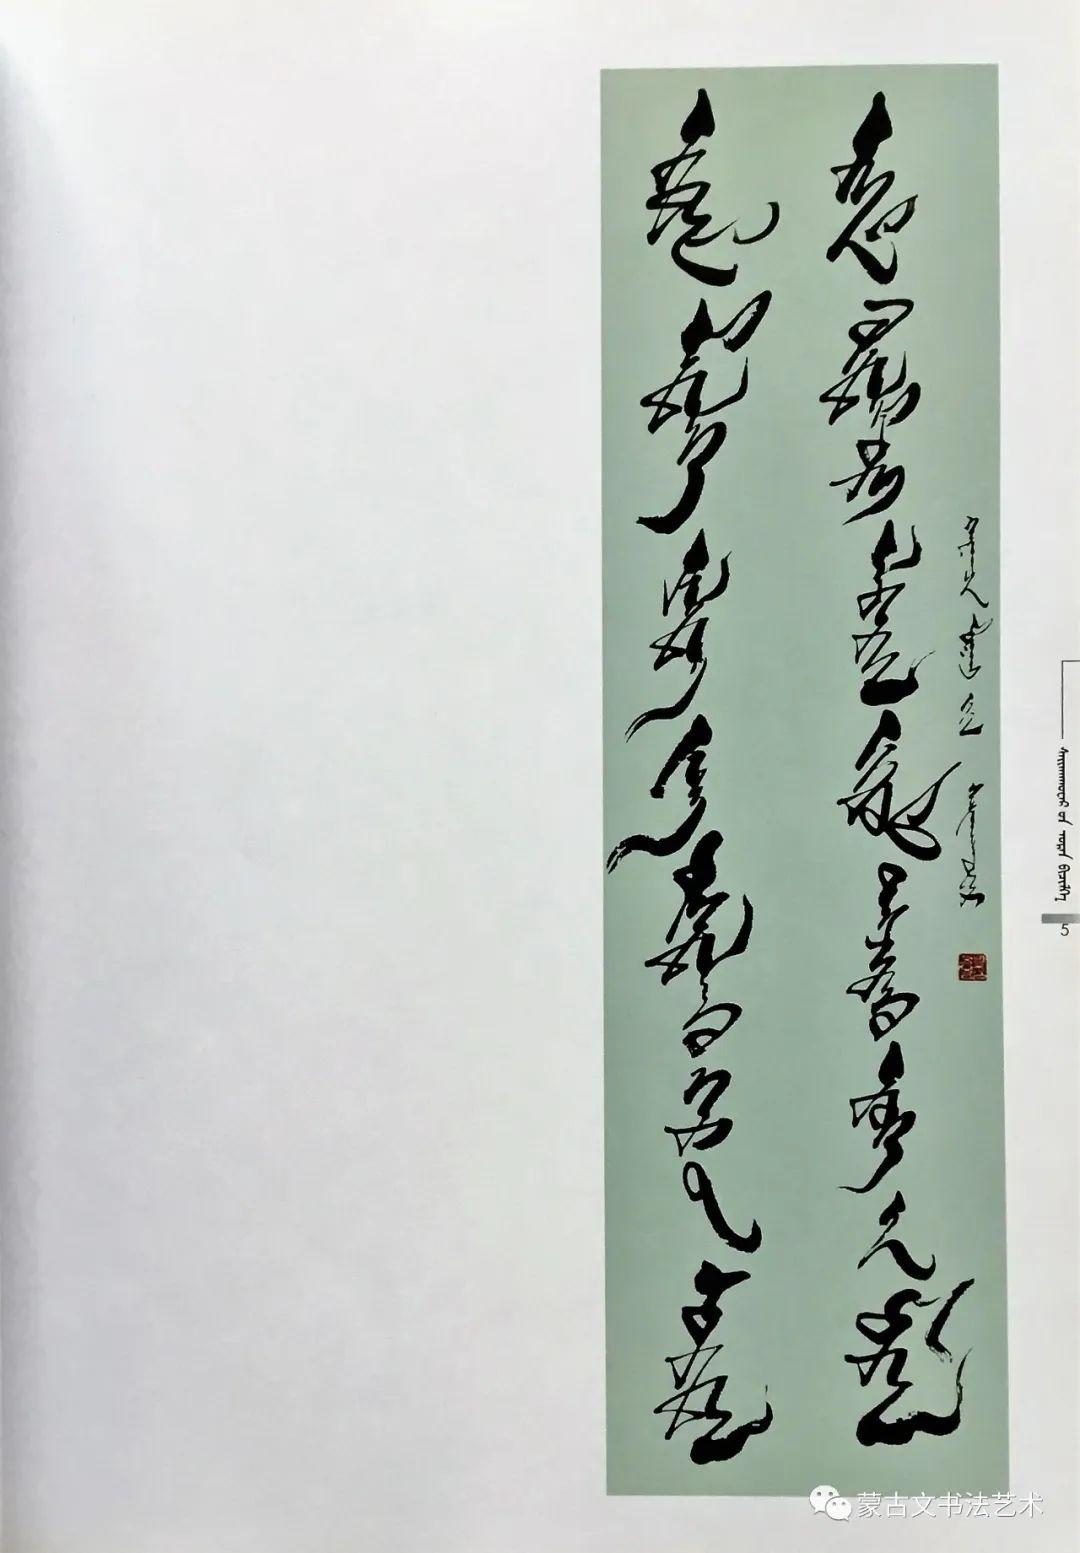 包赛音花《传奇奈曼-包赛音花蒙古文书法》 第8张